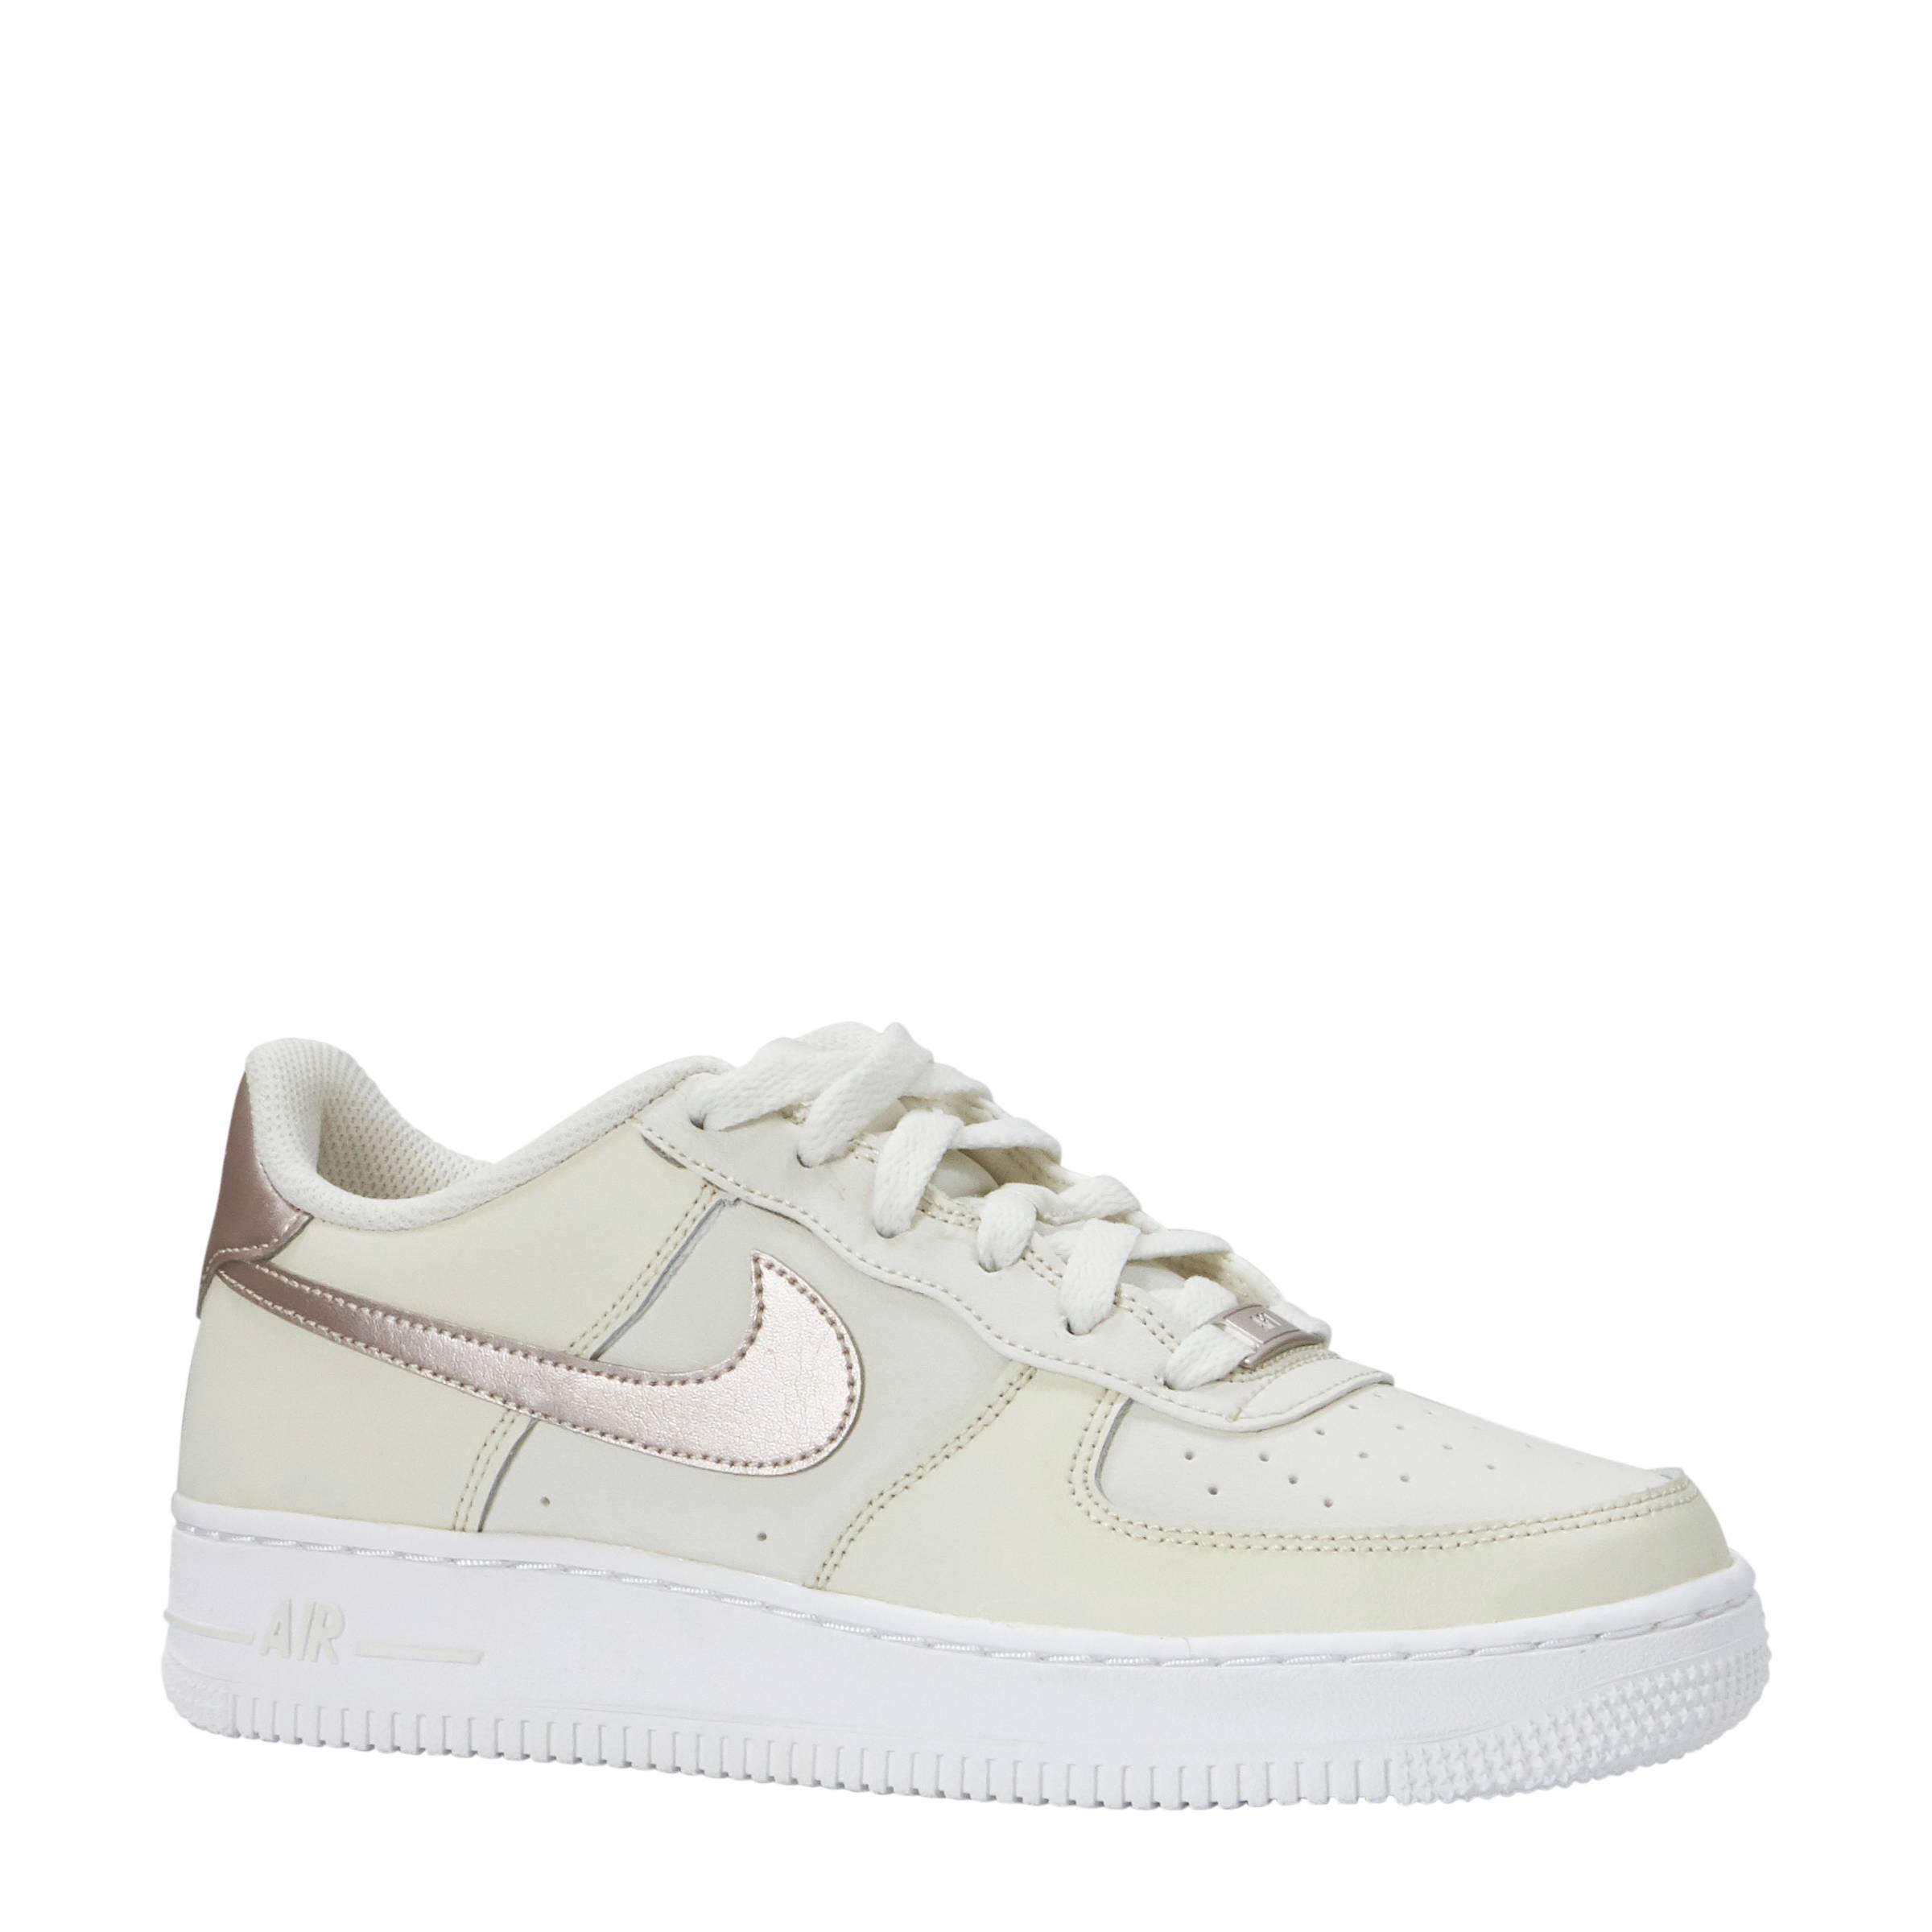 Nike Air Force 1 sneakers wit/zilver | wehkamp